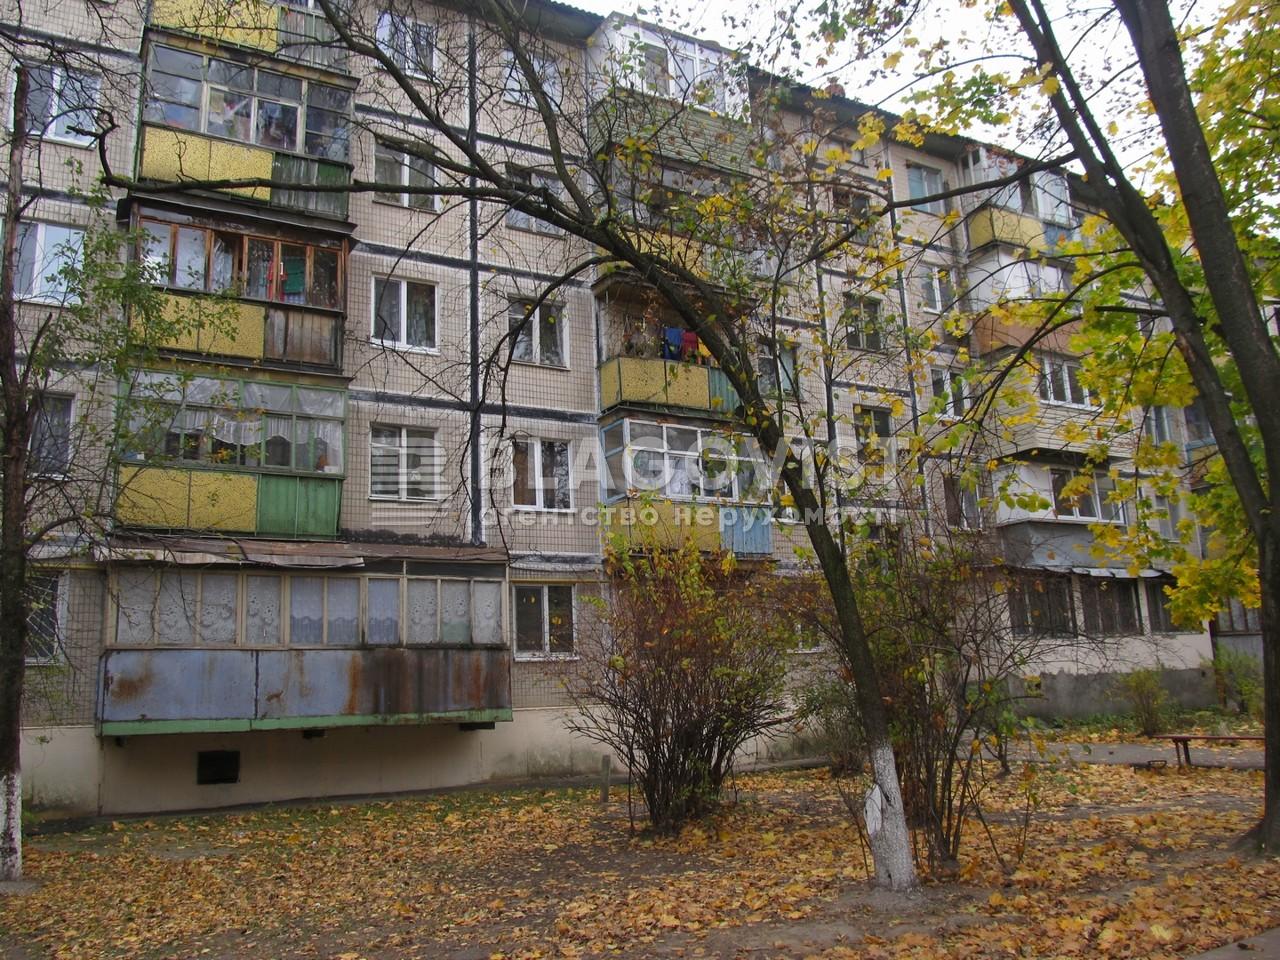 Квартира F-34074, Туполева Академика, 15а, Киев - Фото 1